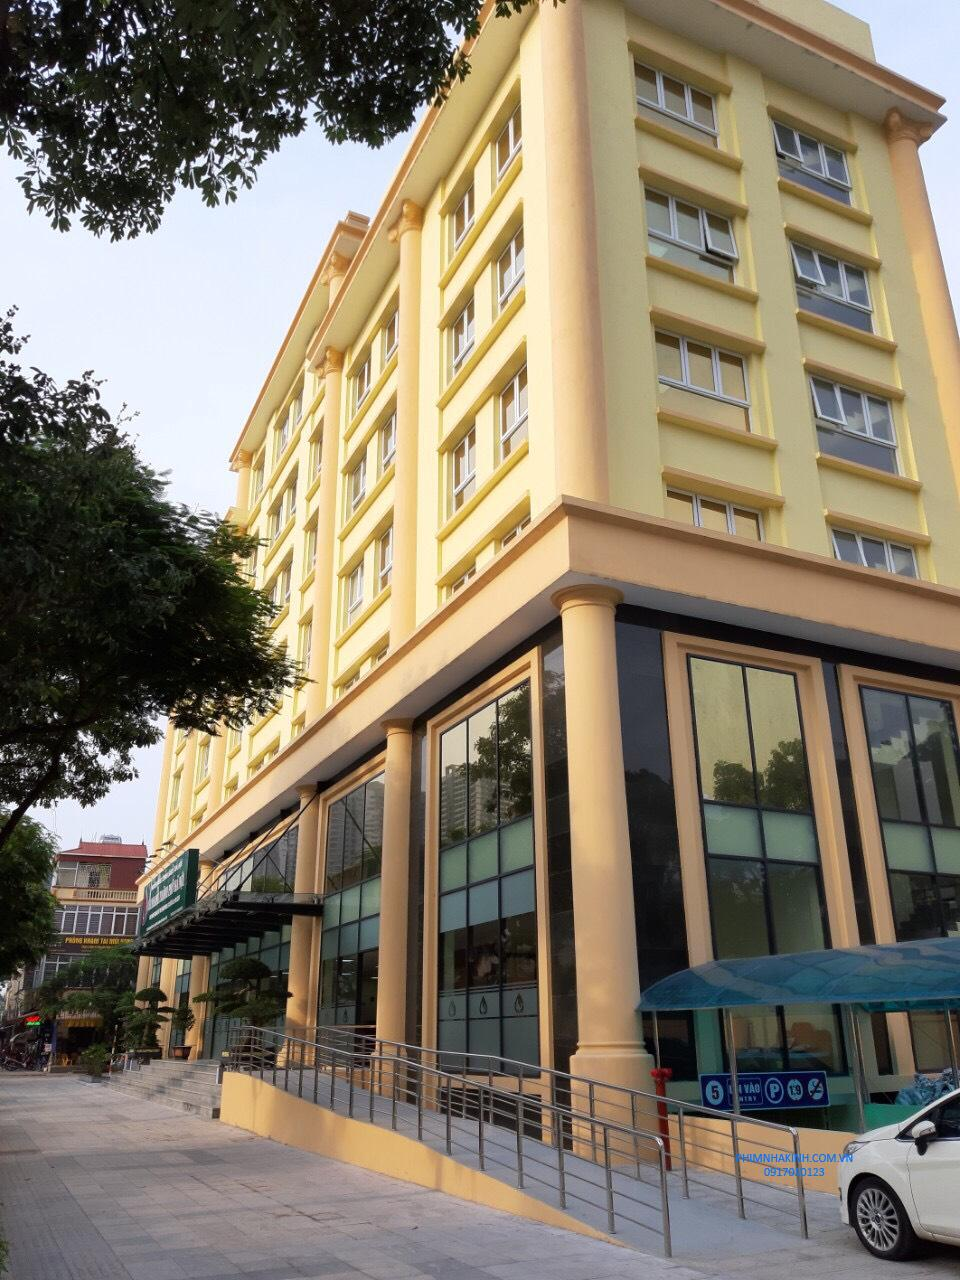 Ngân hàng chính sách CN Mỹ Đình, Hà Nội